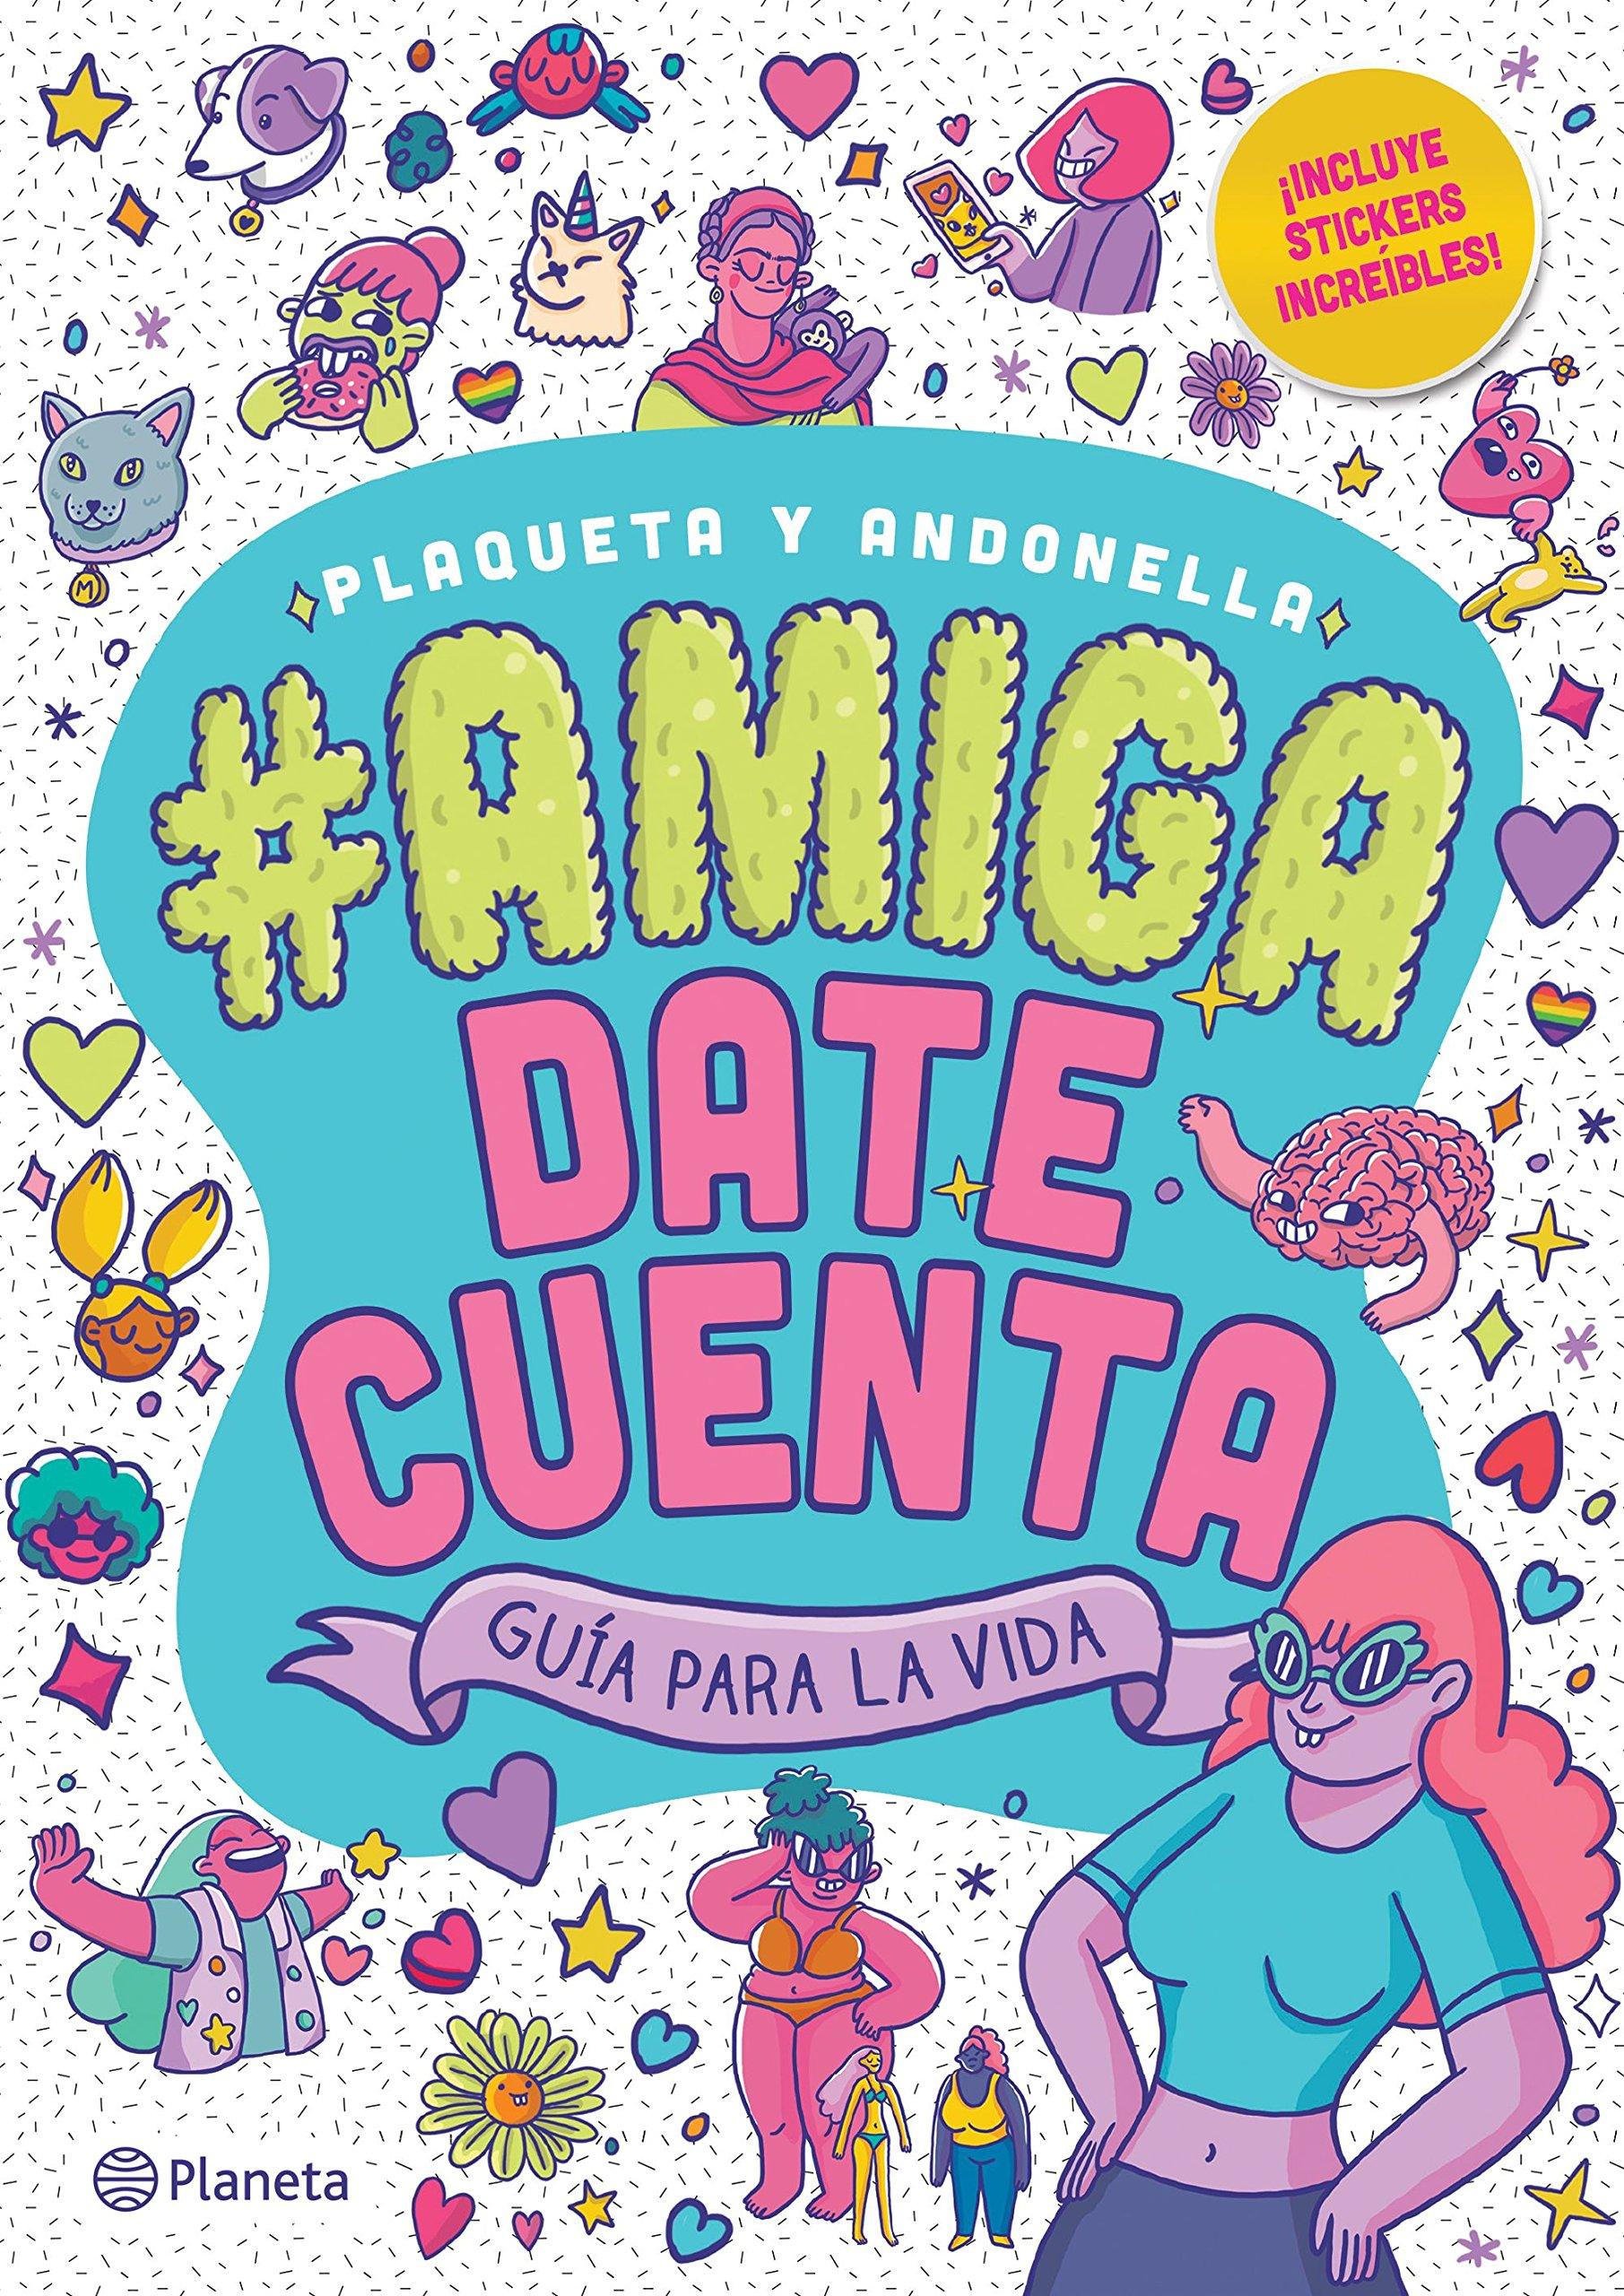 #Amigadatecuenta,Plaqueta y Andonella